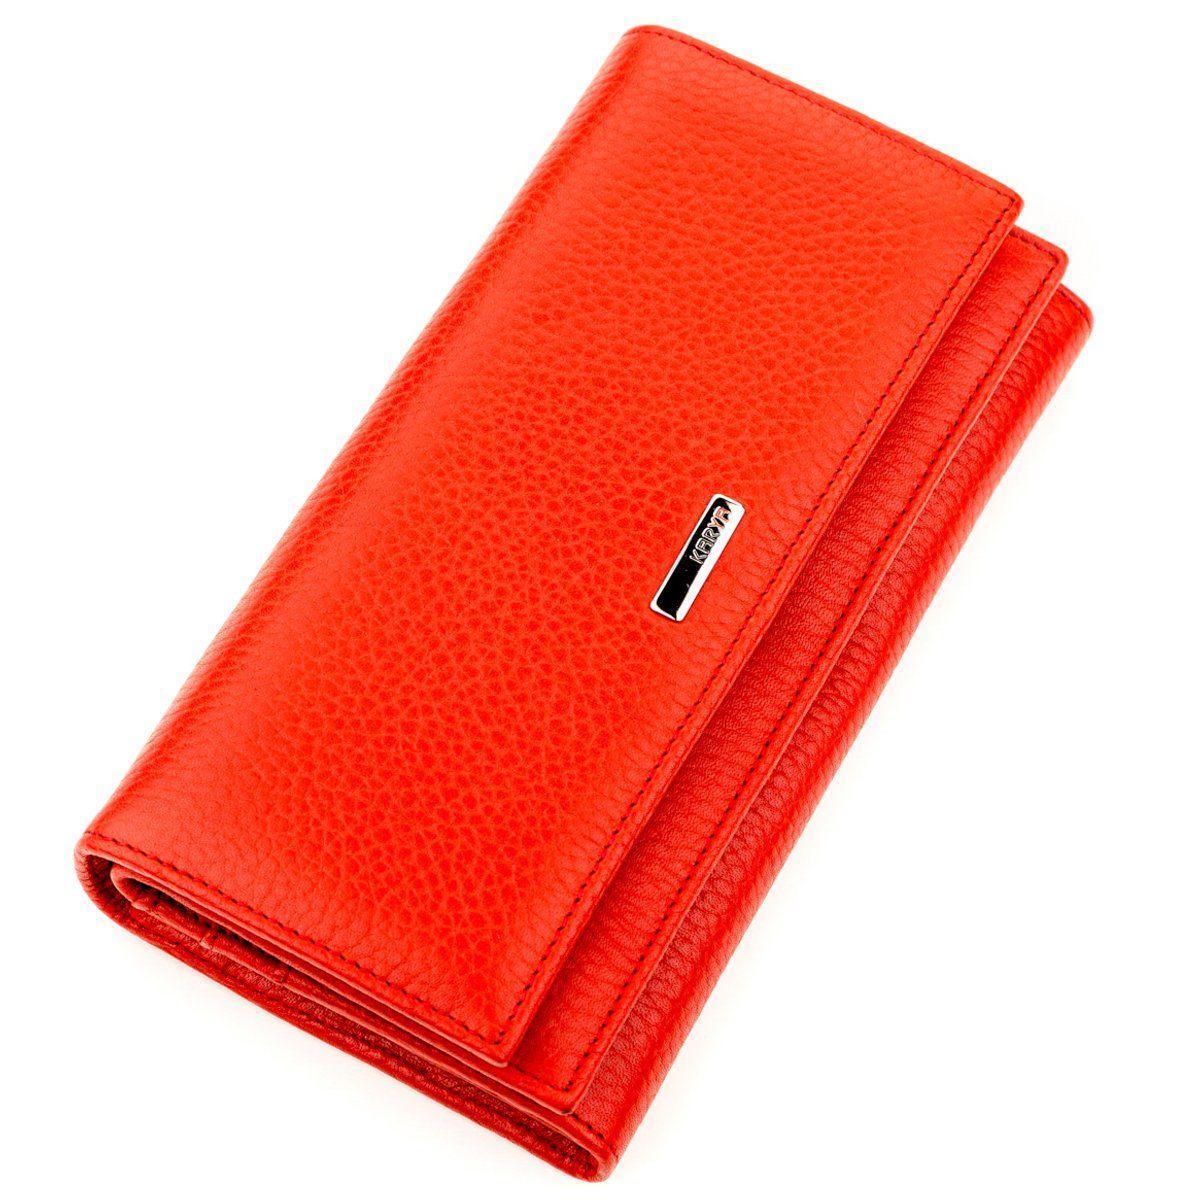 Кошелек женский KARYA 17233 кожаный Красный, Красный